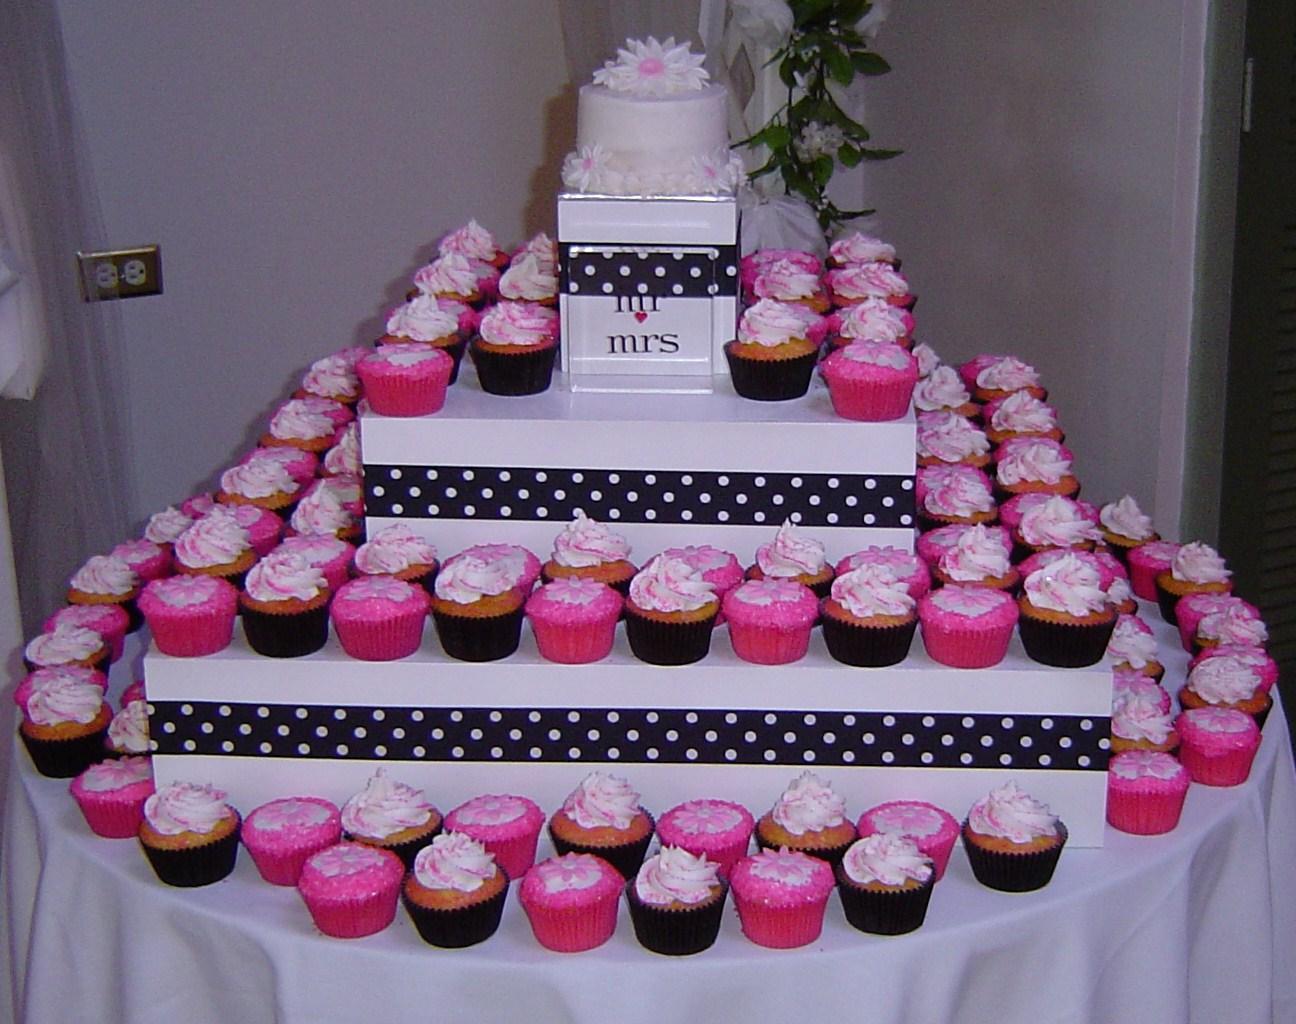 Cupcake Reviews, Cupcake Designs, And